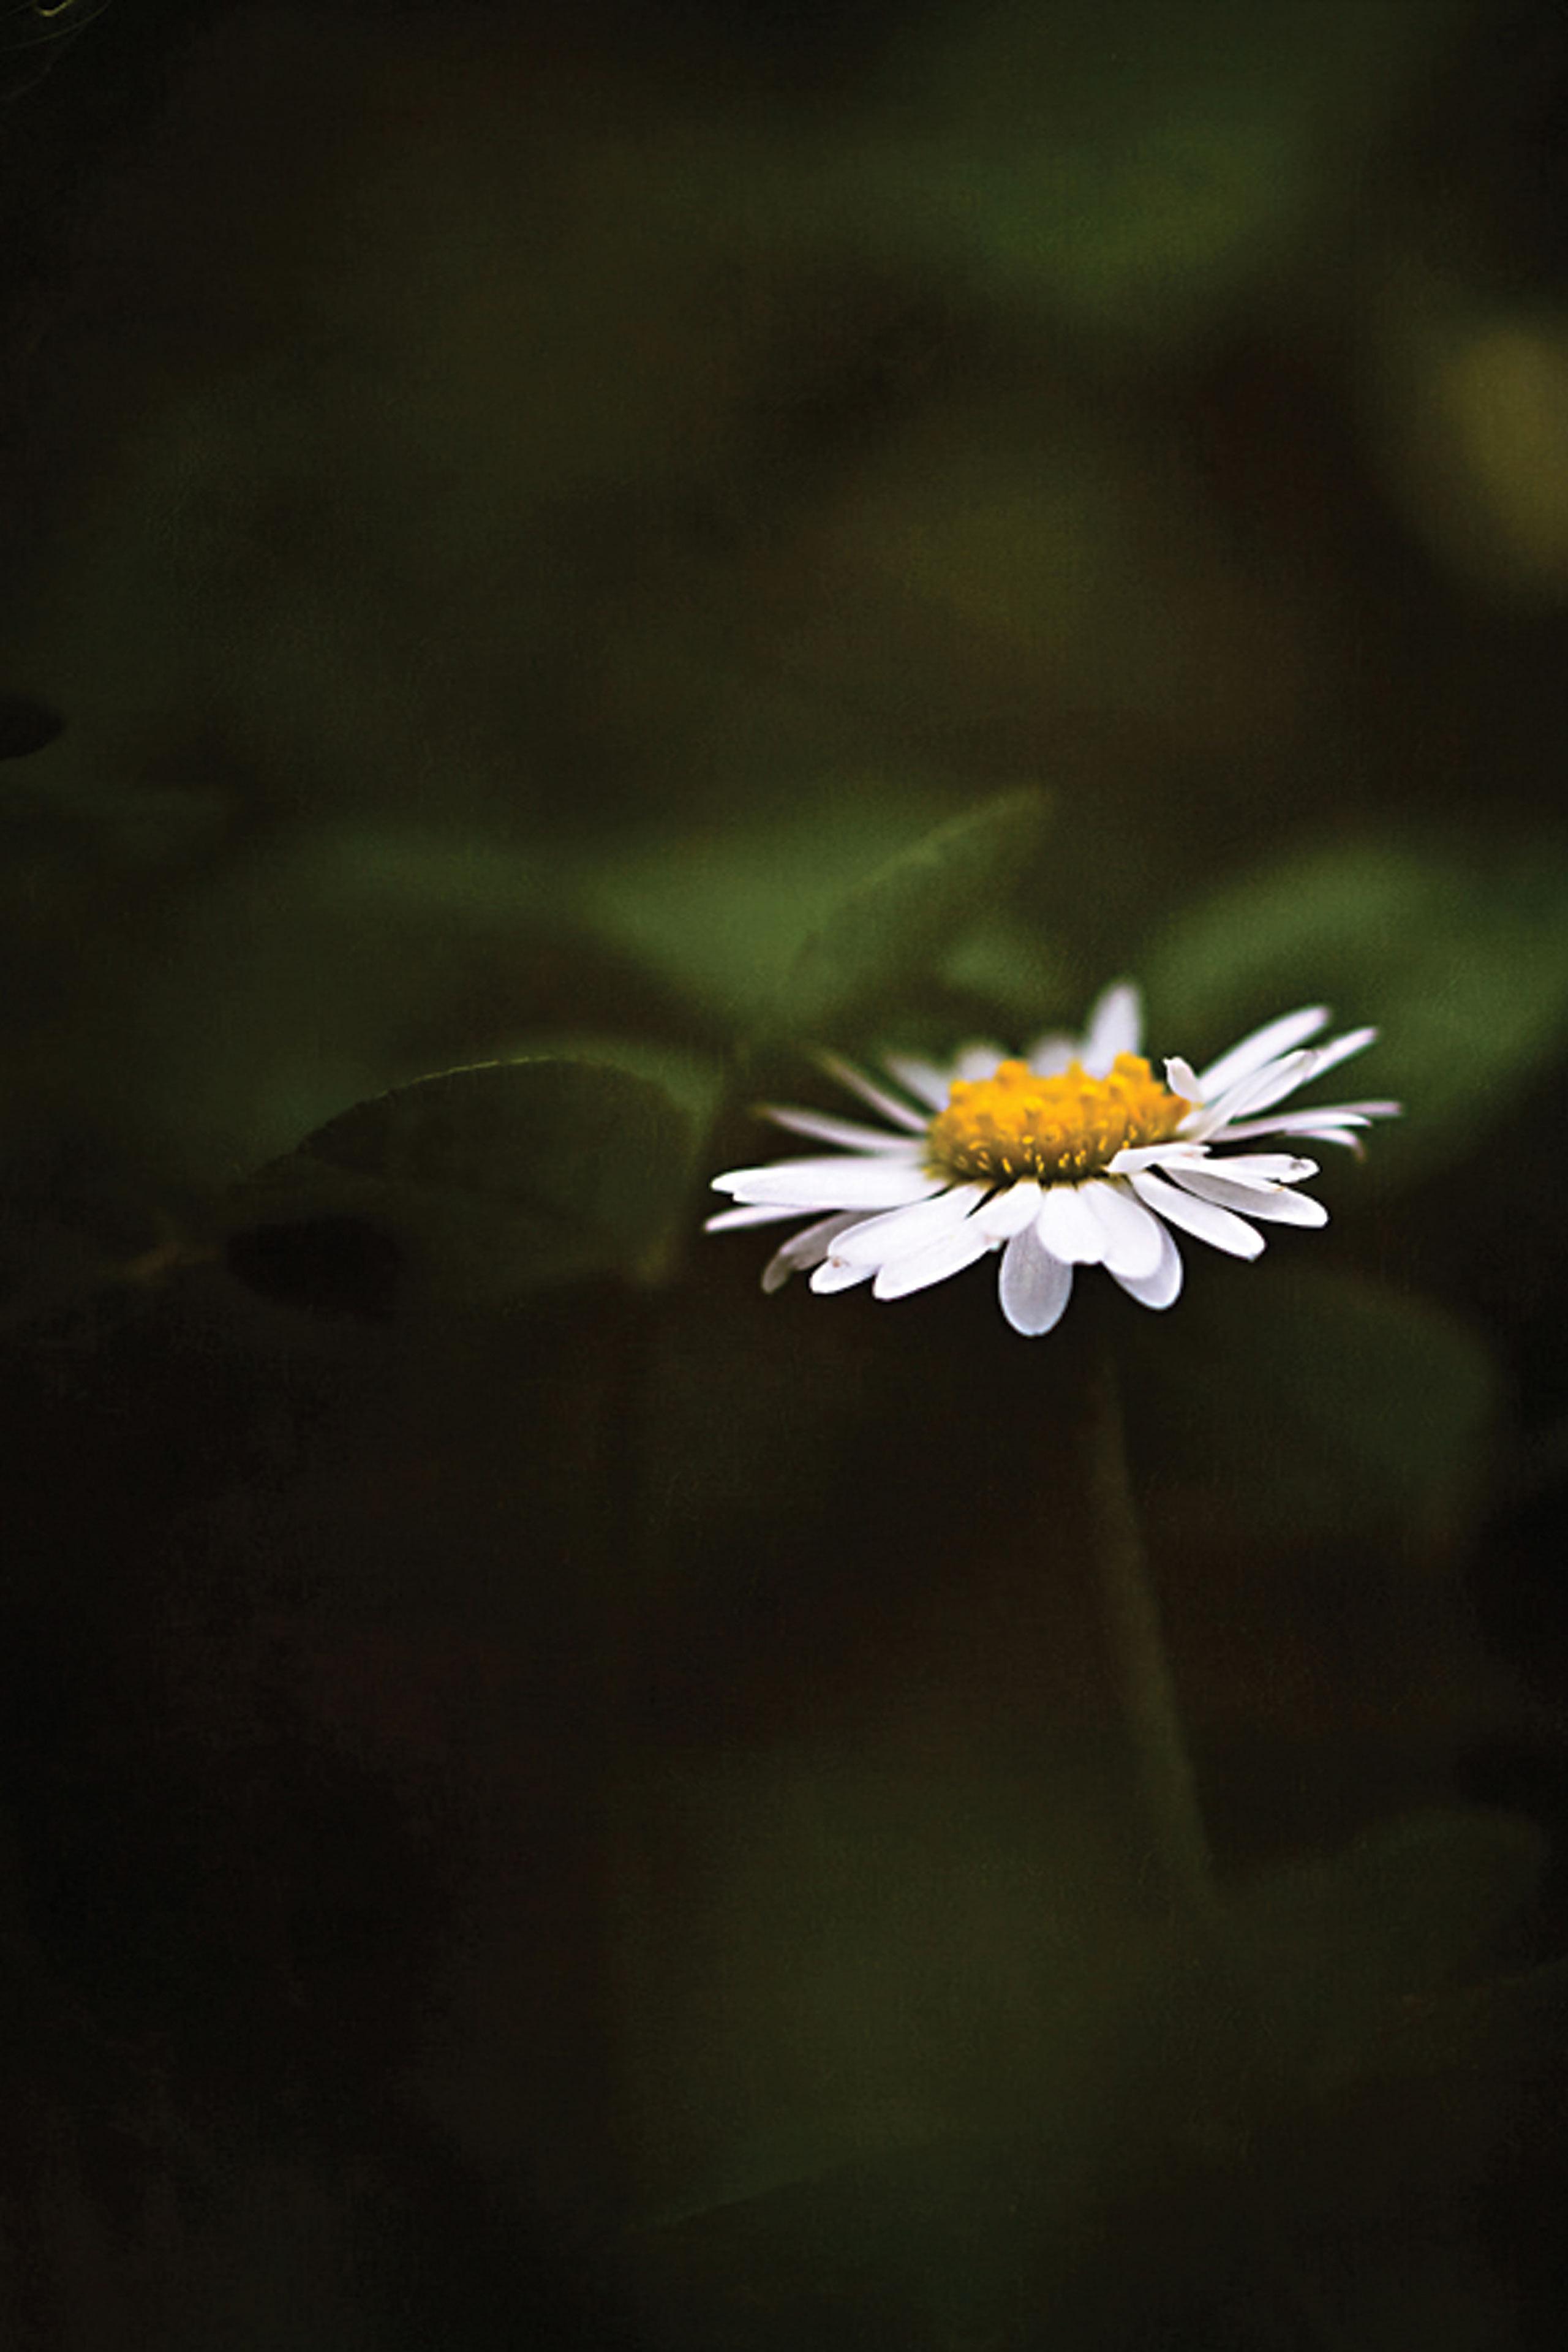 Daisy Flower Mobile Wallpaper Miniwallist